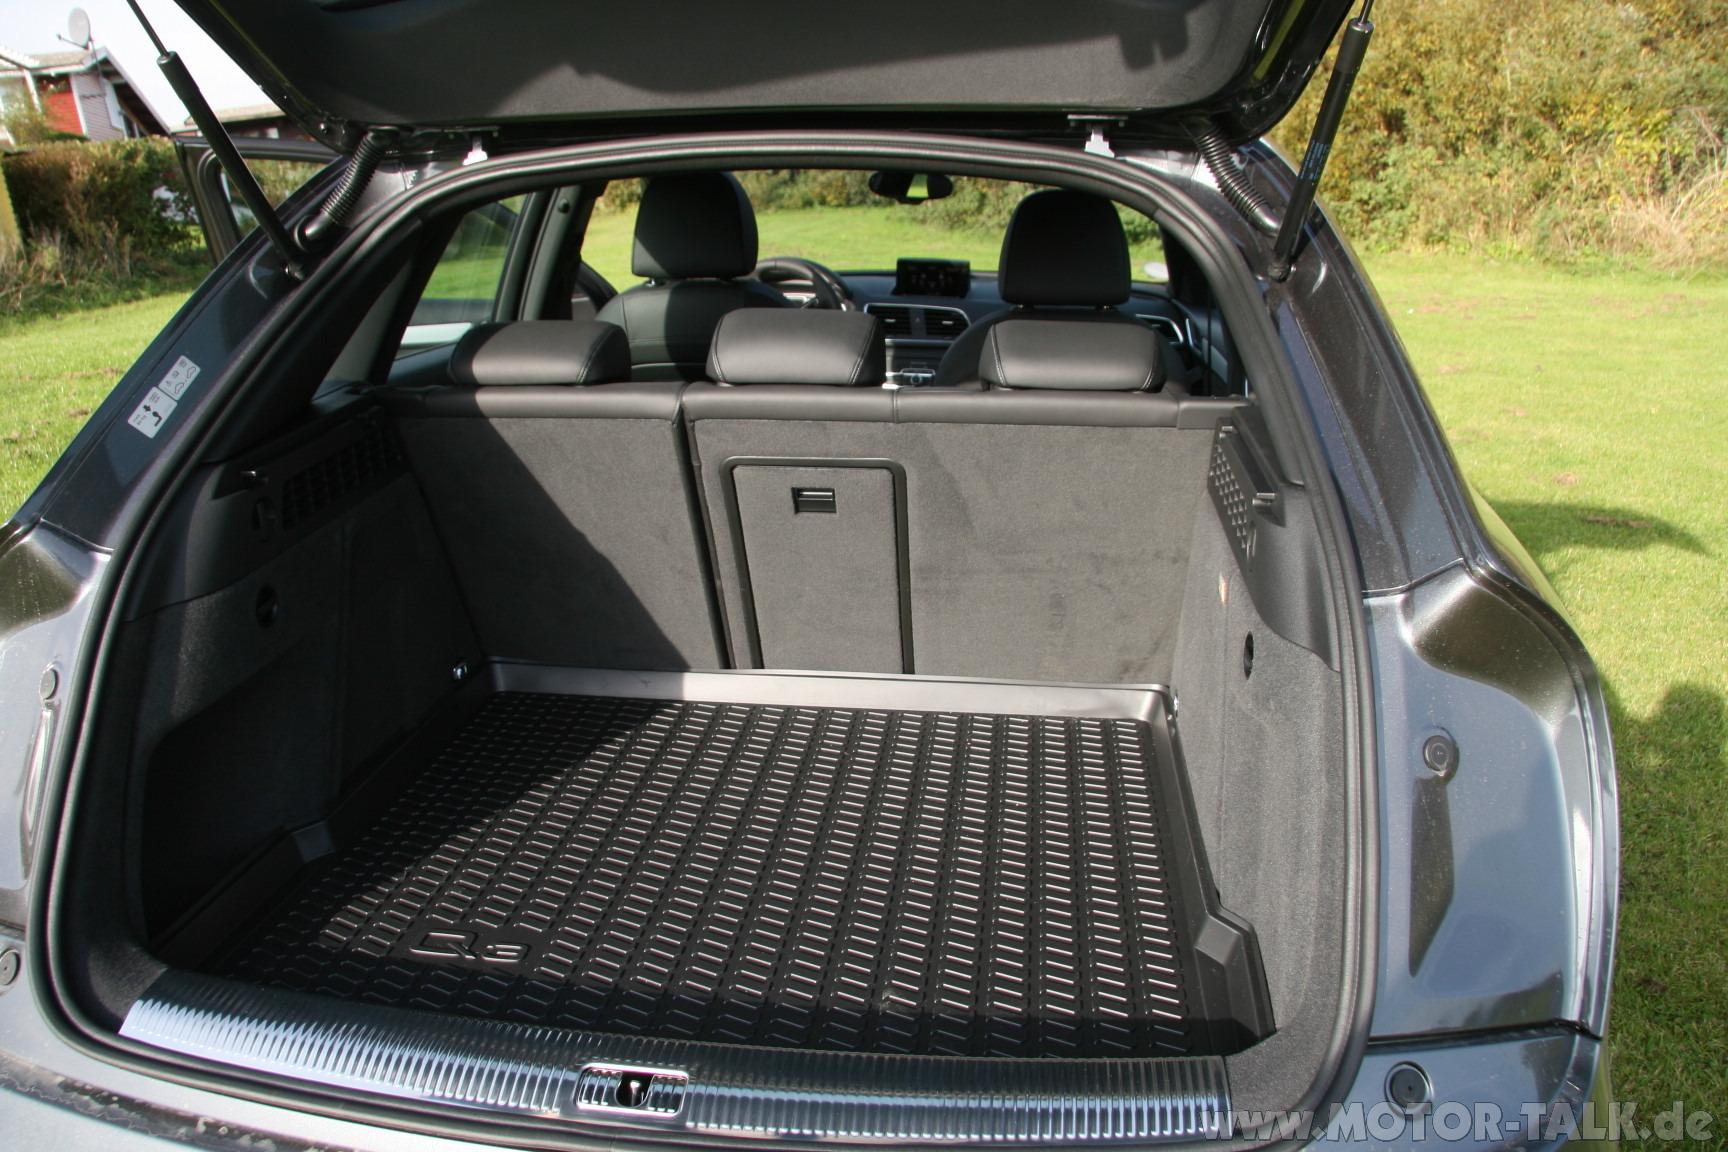 q3 kofferraum mit durchladeeinrichtung audi q3 8u 2 0. Black Bedroom Furniture Sets. Home Design Ideas